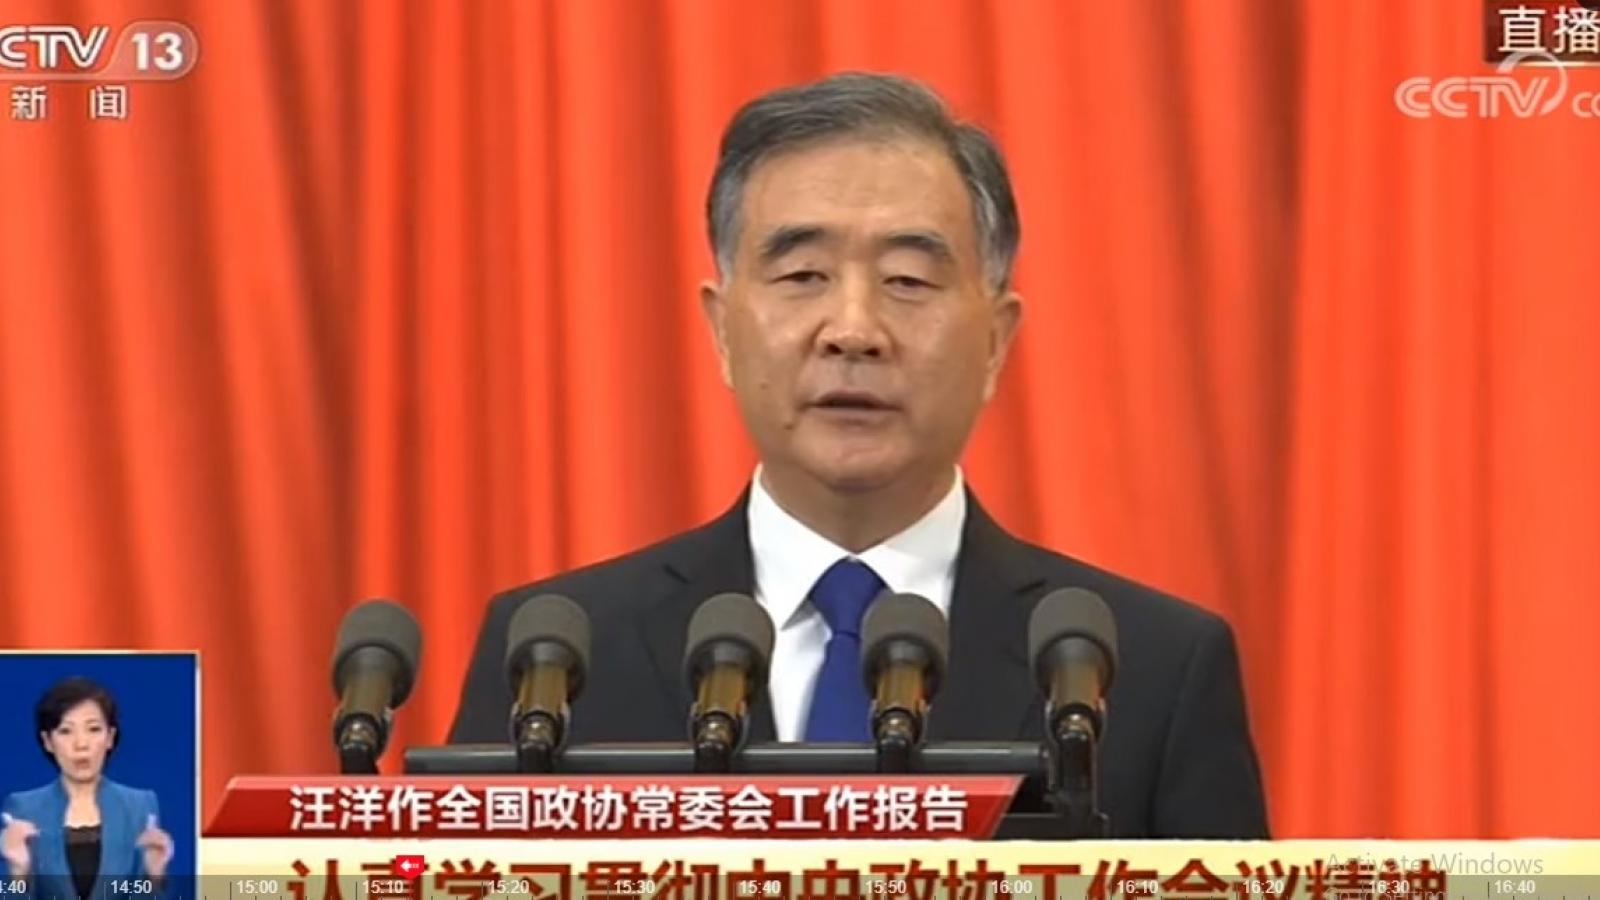 Khai mạc Hội nghị Chính hiệp toàn quốc Trung Quốc